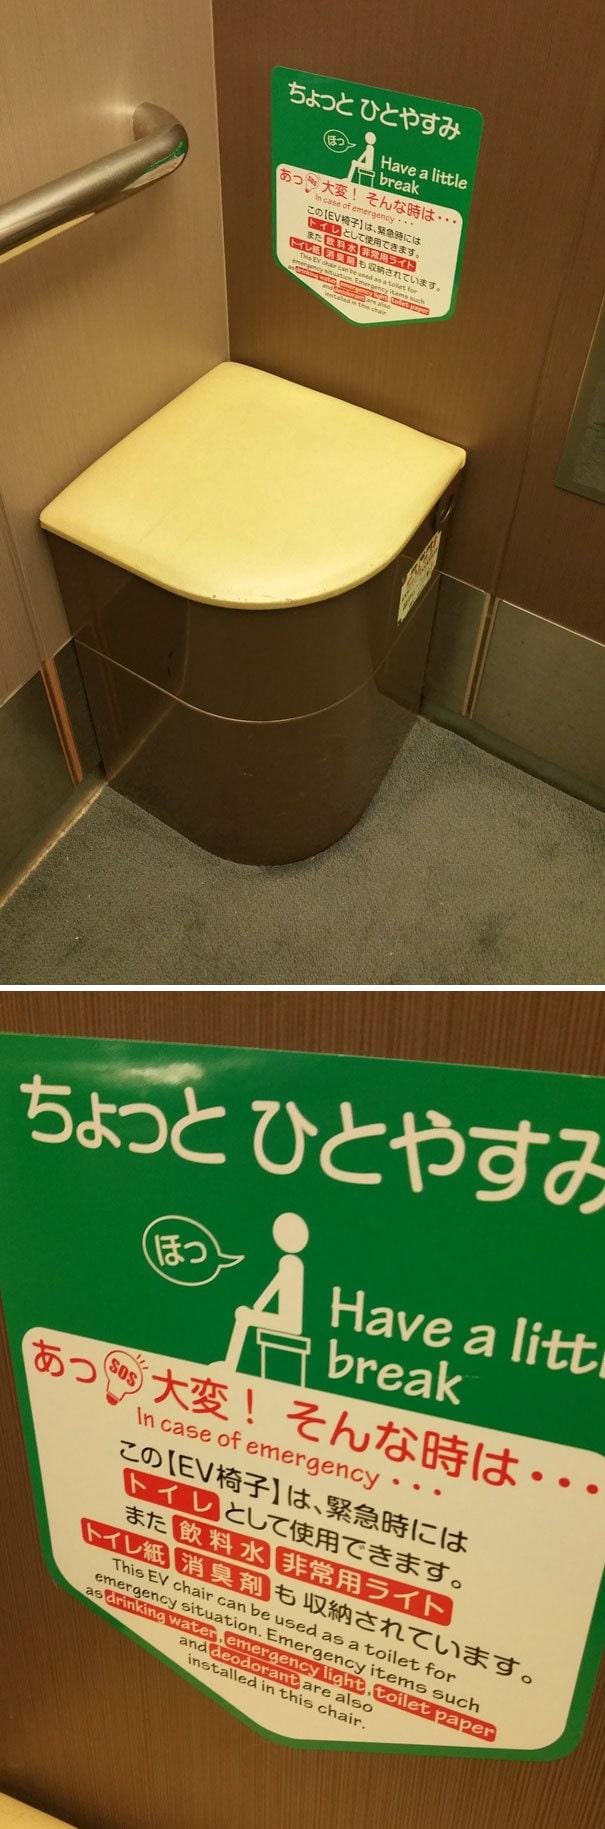 В этом лифте в Японии есть сиденье, которое можно использовать как туалет в чрезвычайной ситуации